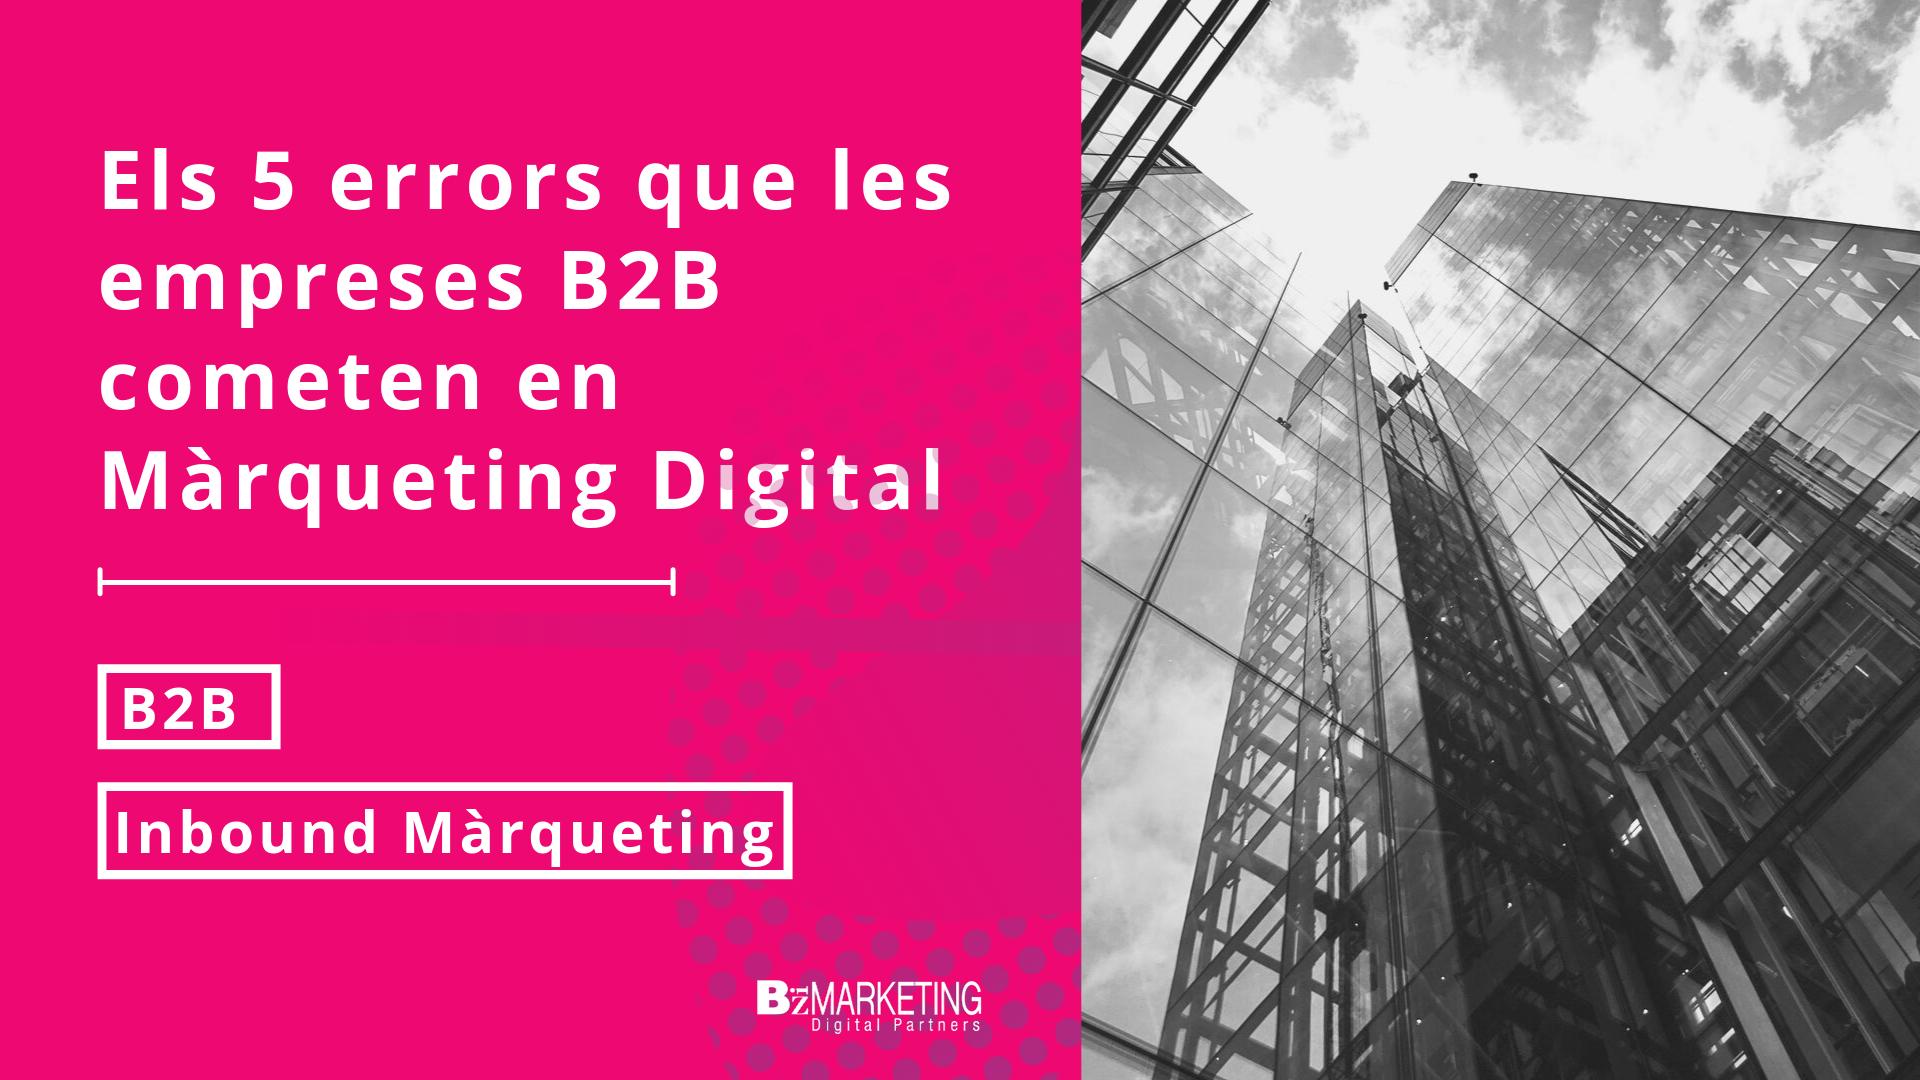 Els 5 errors de les empreses B2B en les estratègies de Màrqueting Digital.